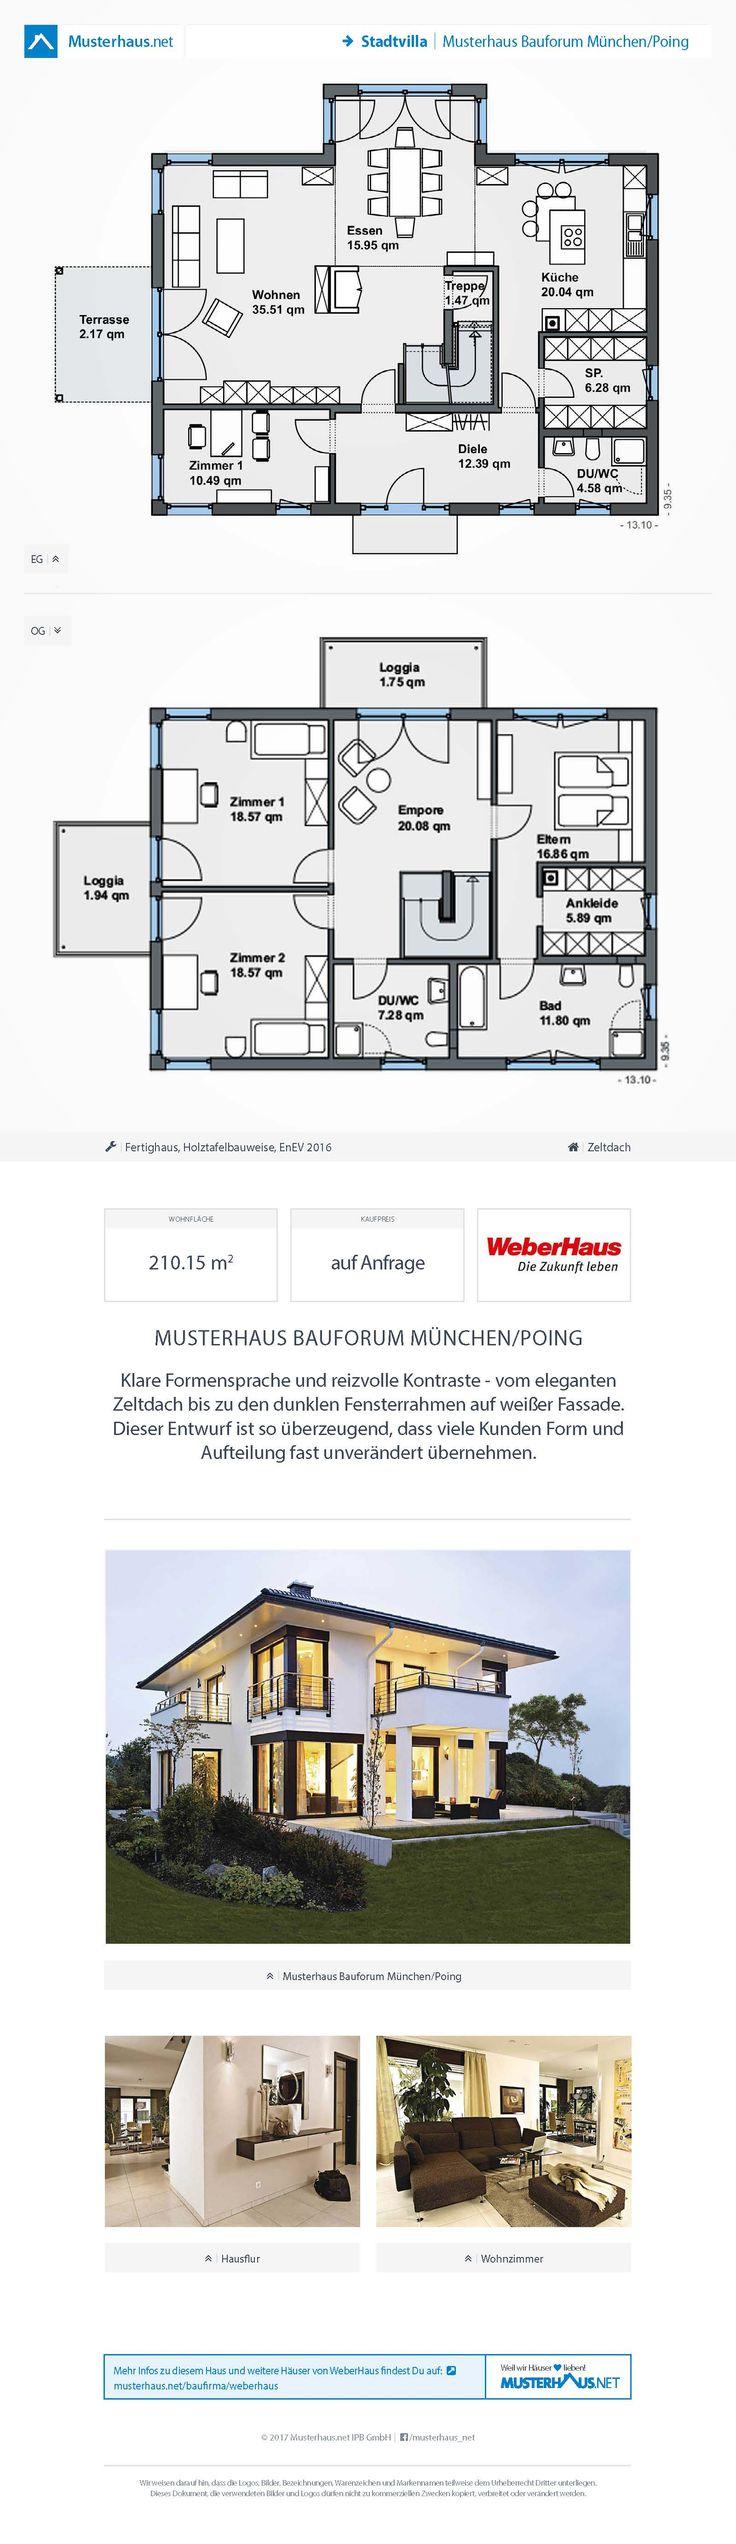 Stadtvilla Mit Zeltdach U2022 Musterhaus Bauforum München/Poing U2022 Weber Haus U2022  Jetzt Bei